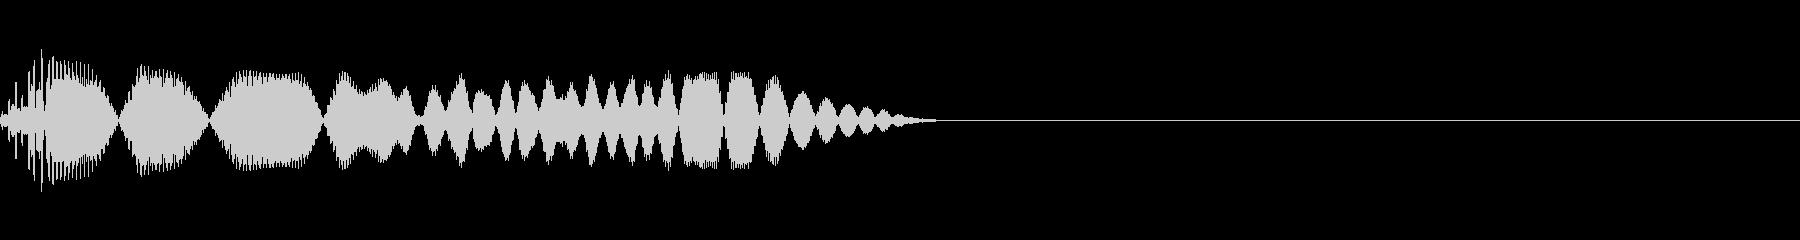 頭に「?」がでるとき(軽め・高めの音)の未再生の波形